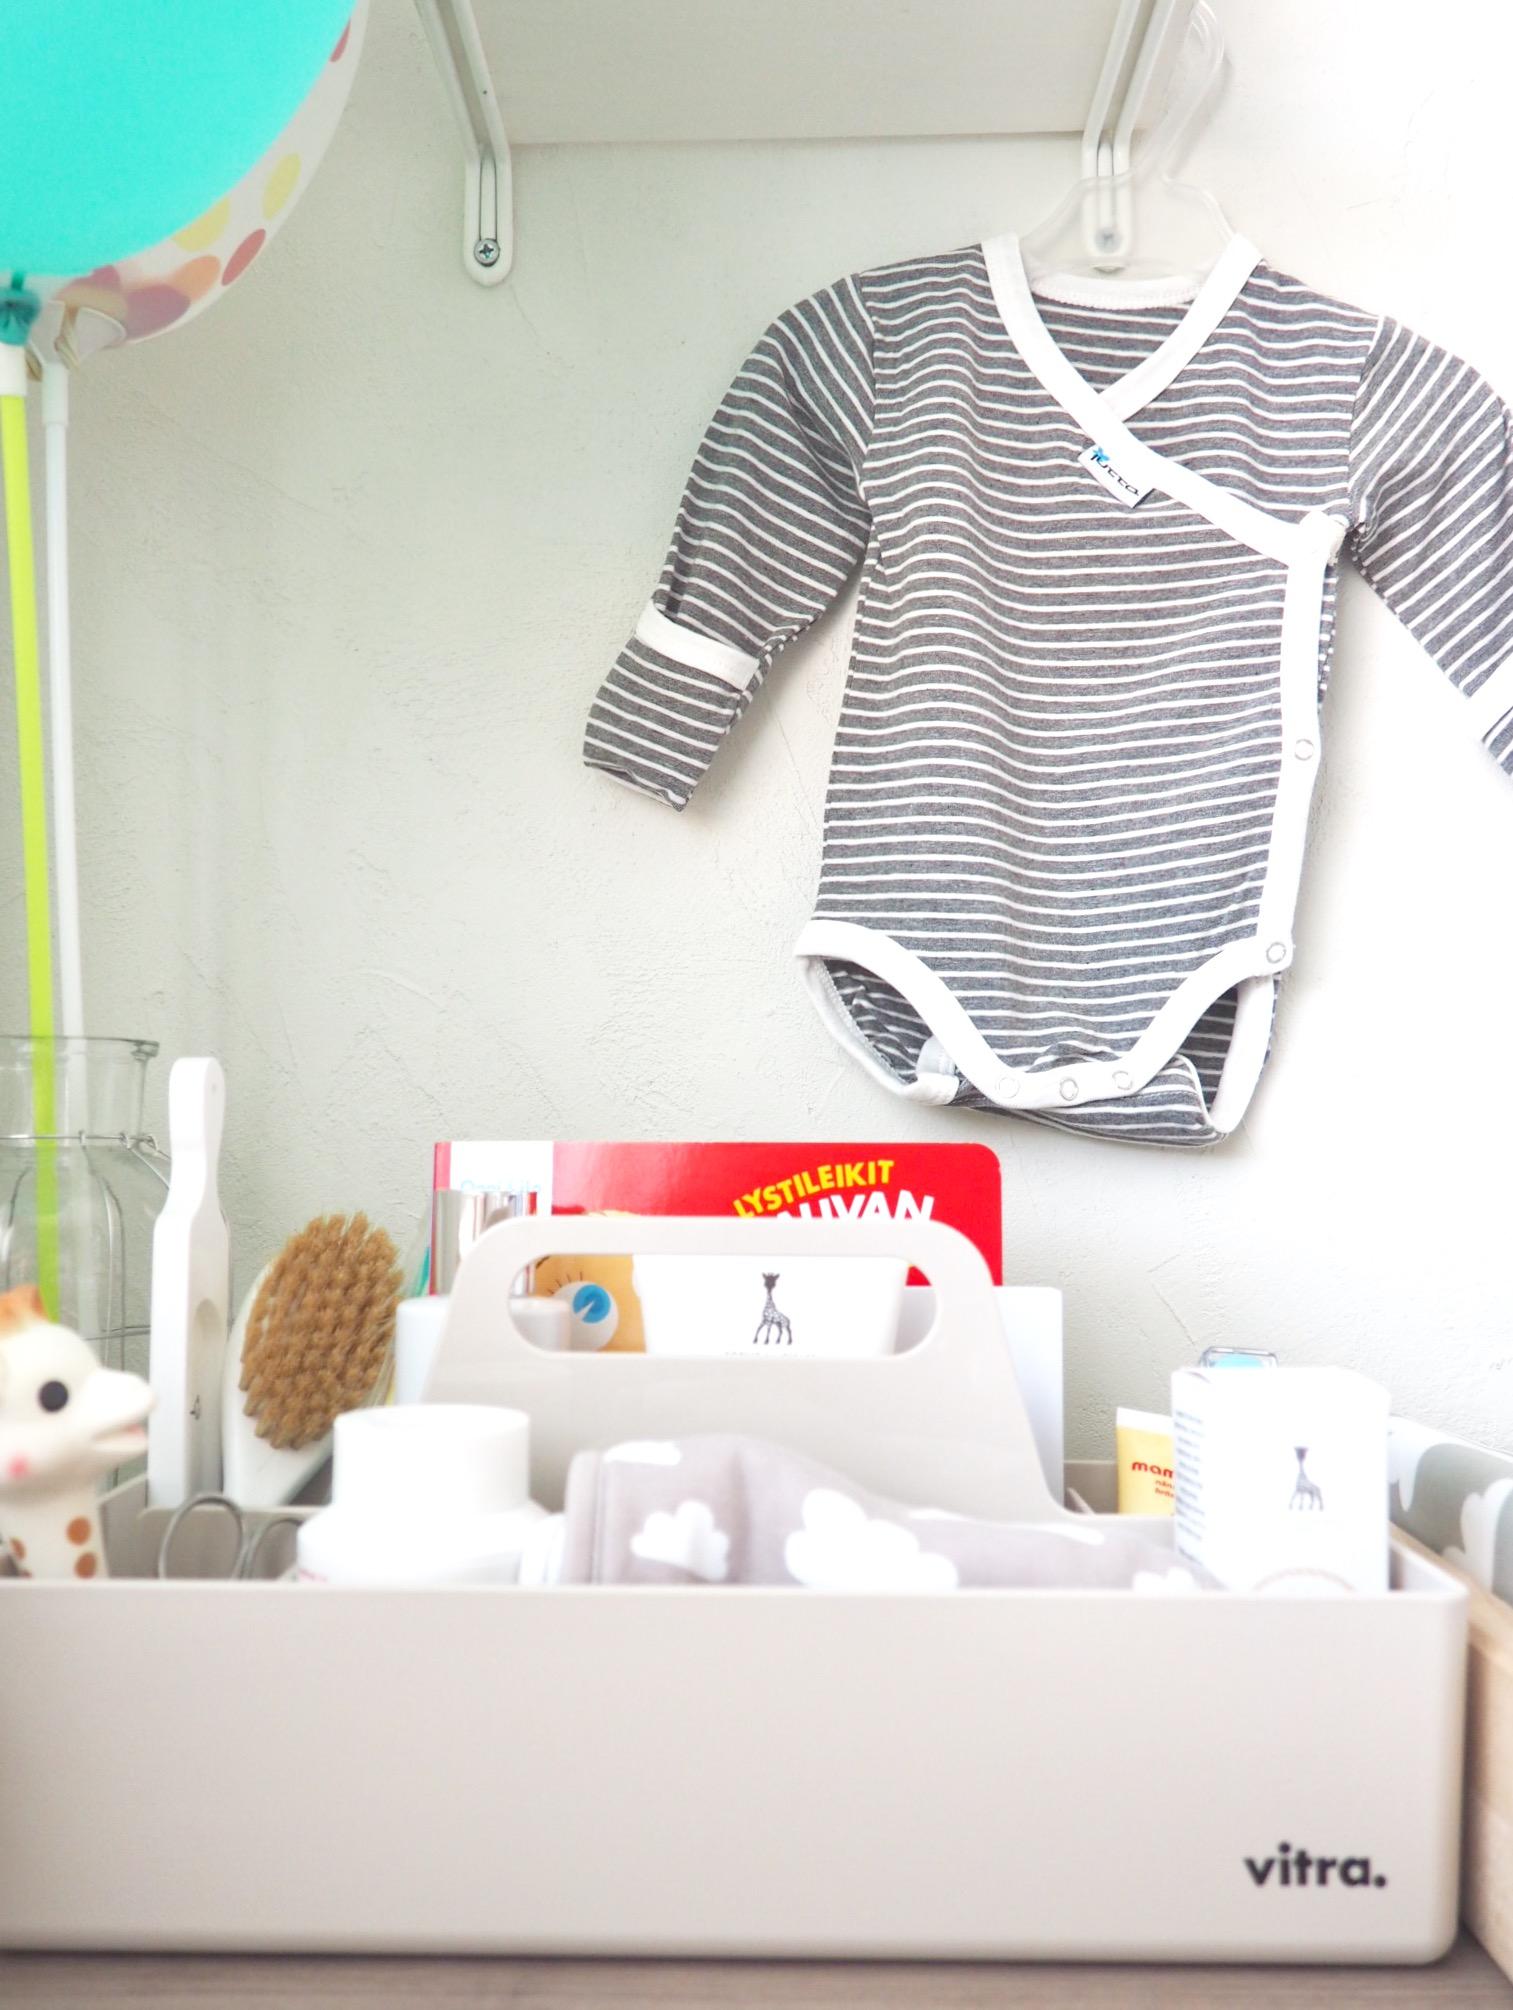 Vitra Toolbox, kätevä lokerikko vauvan tärkeille tavaroille